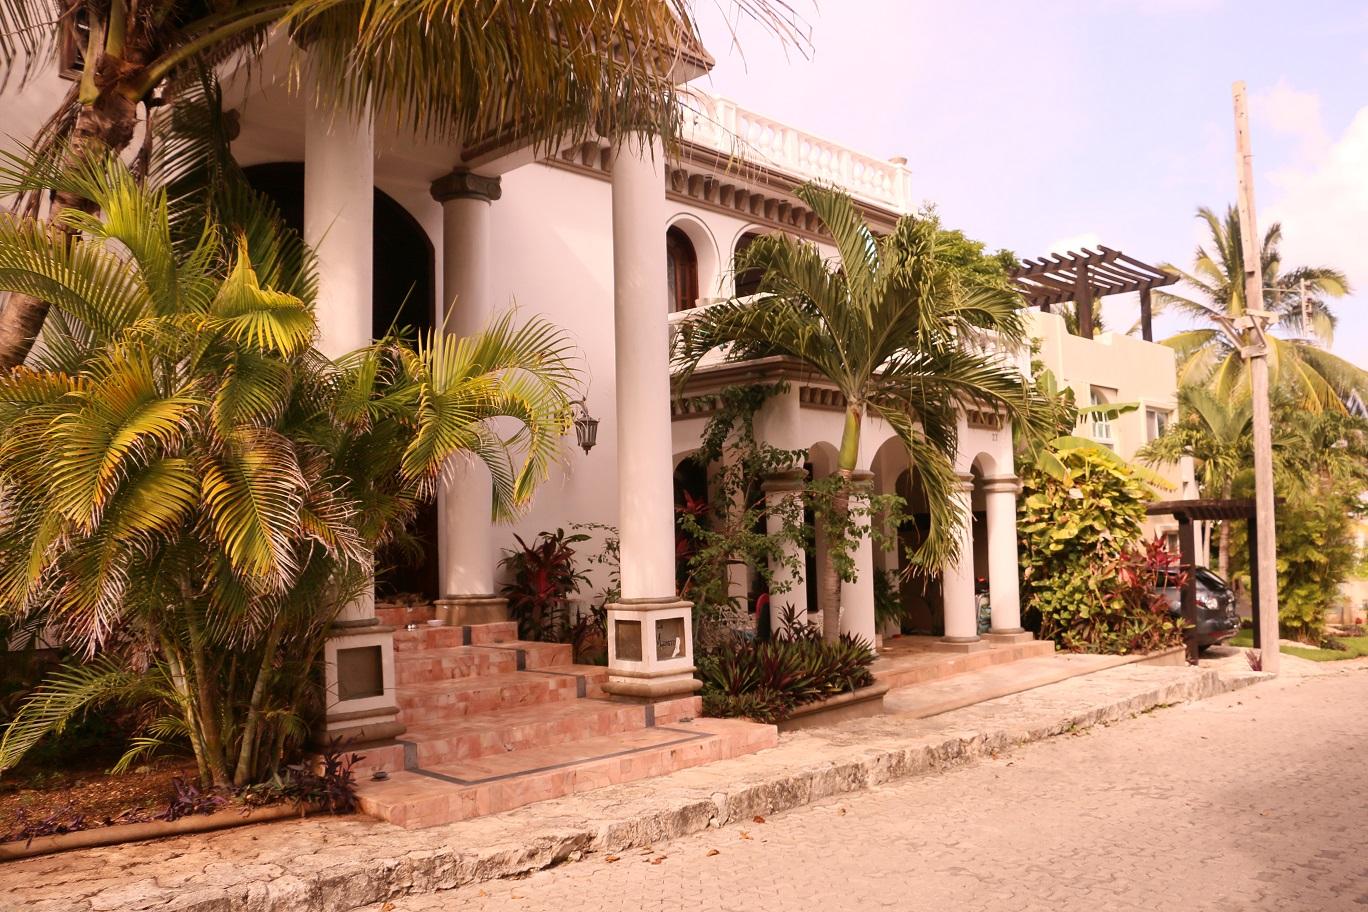 Palota Playacarban. Nem ízléses, de pénze az volt